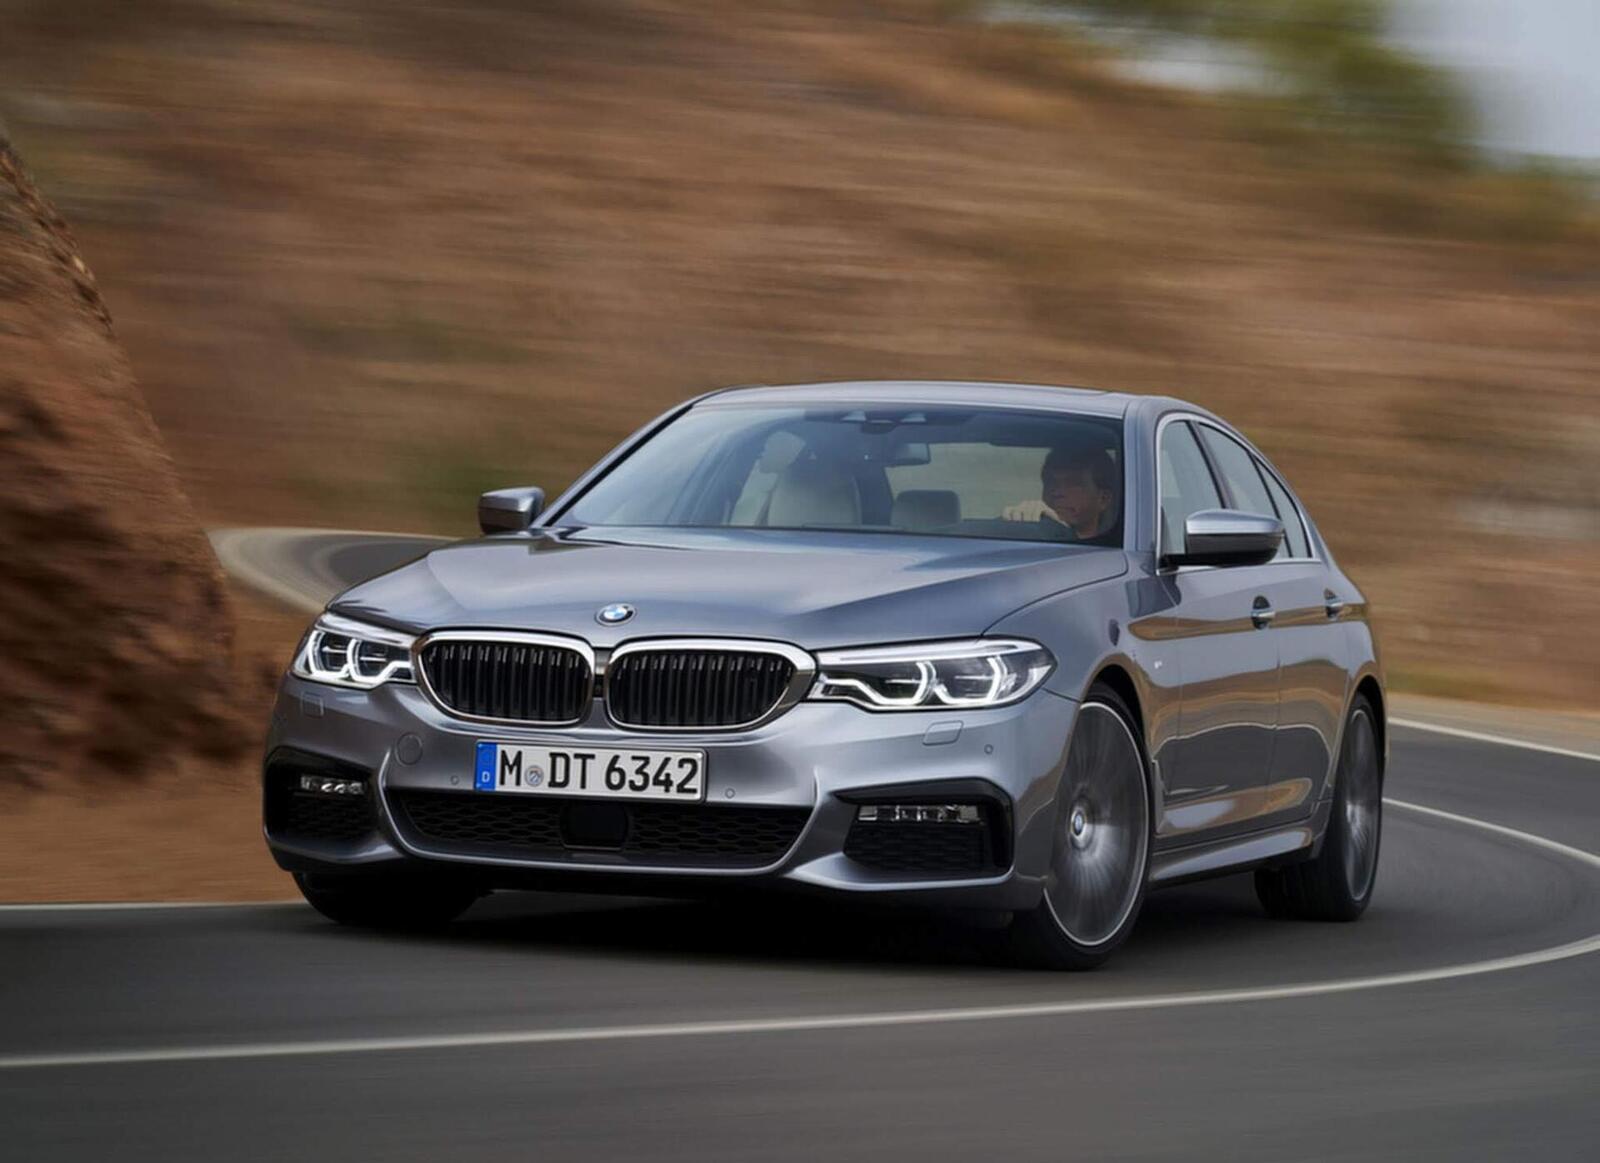 BMW 5 Series thế hệ hoàn toàn mới xuất hiện tại Hà Nội - Hình 5